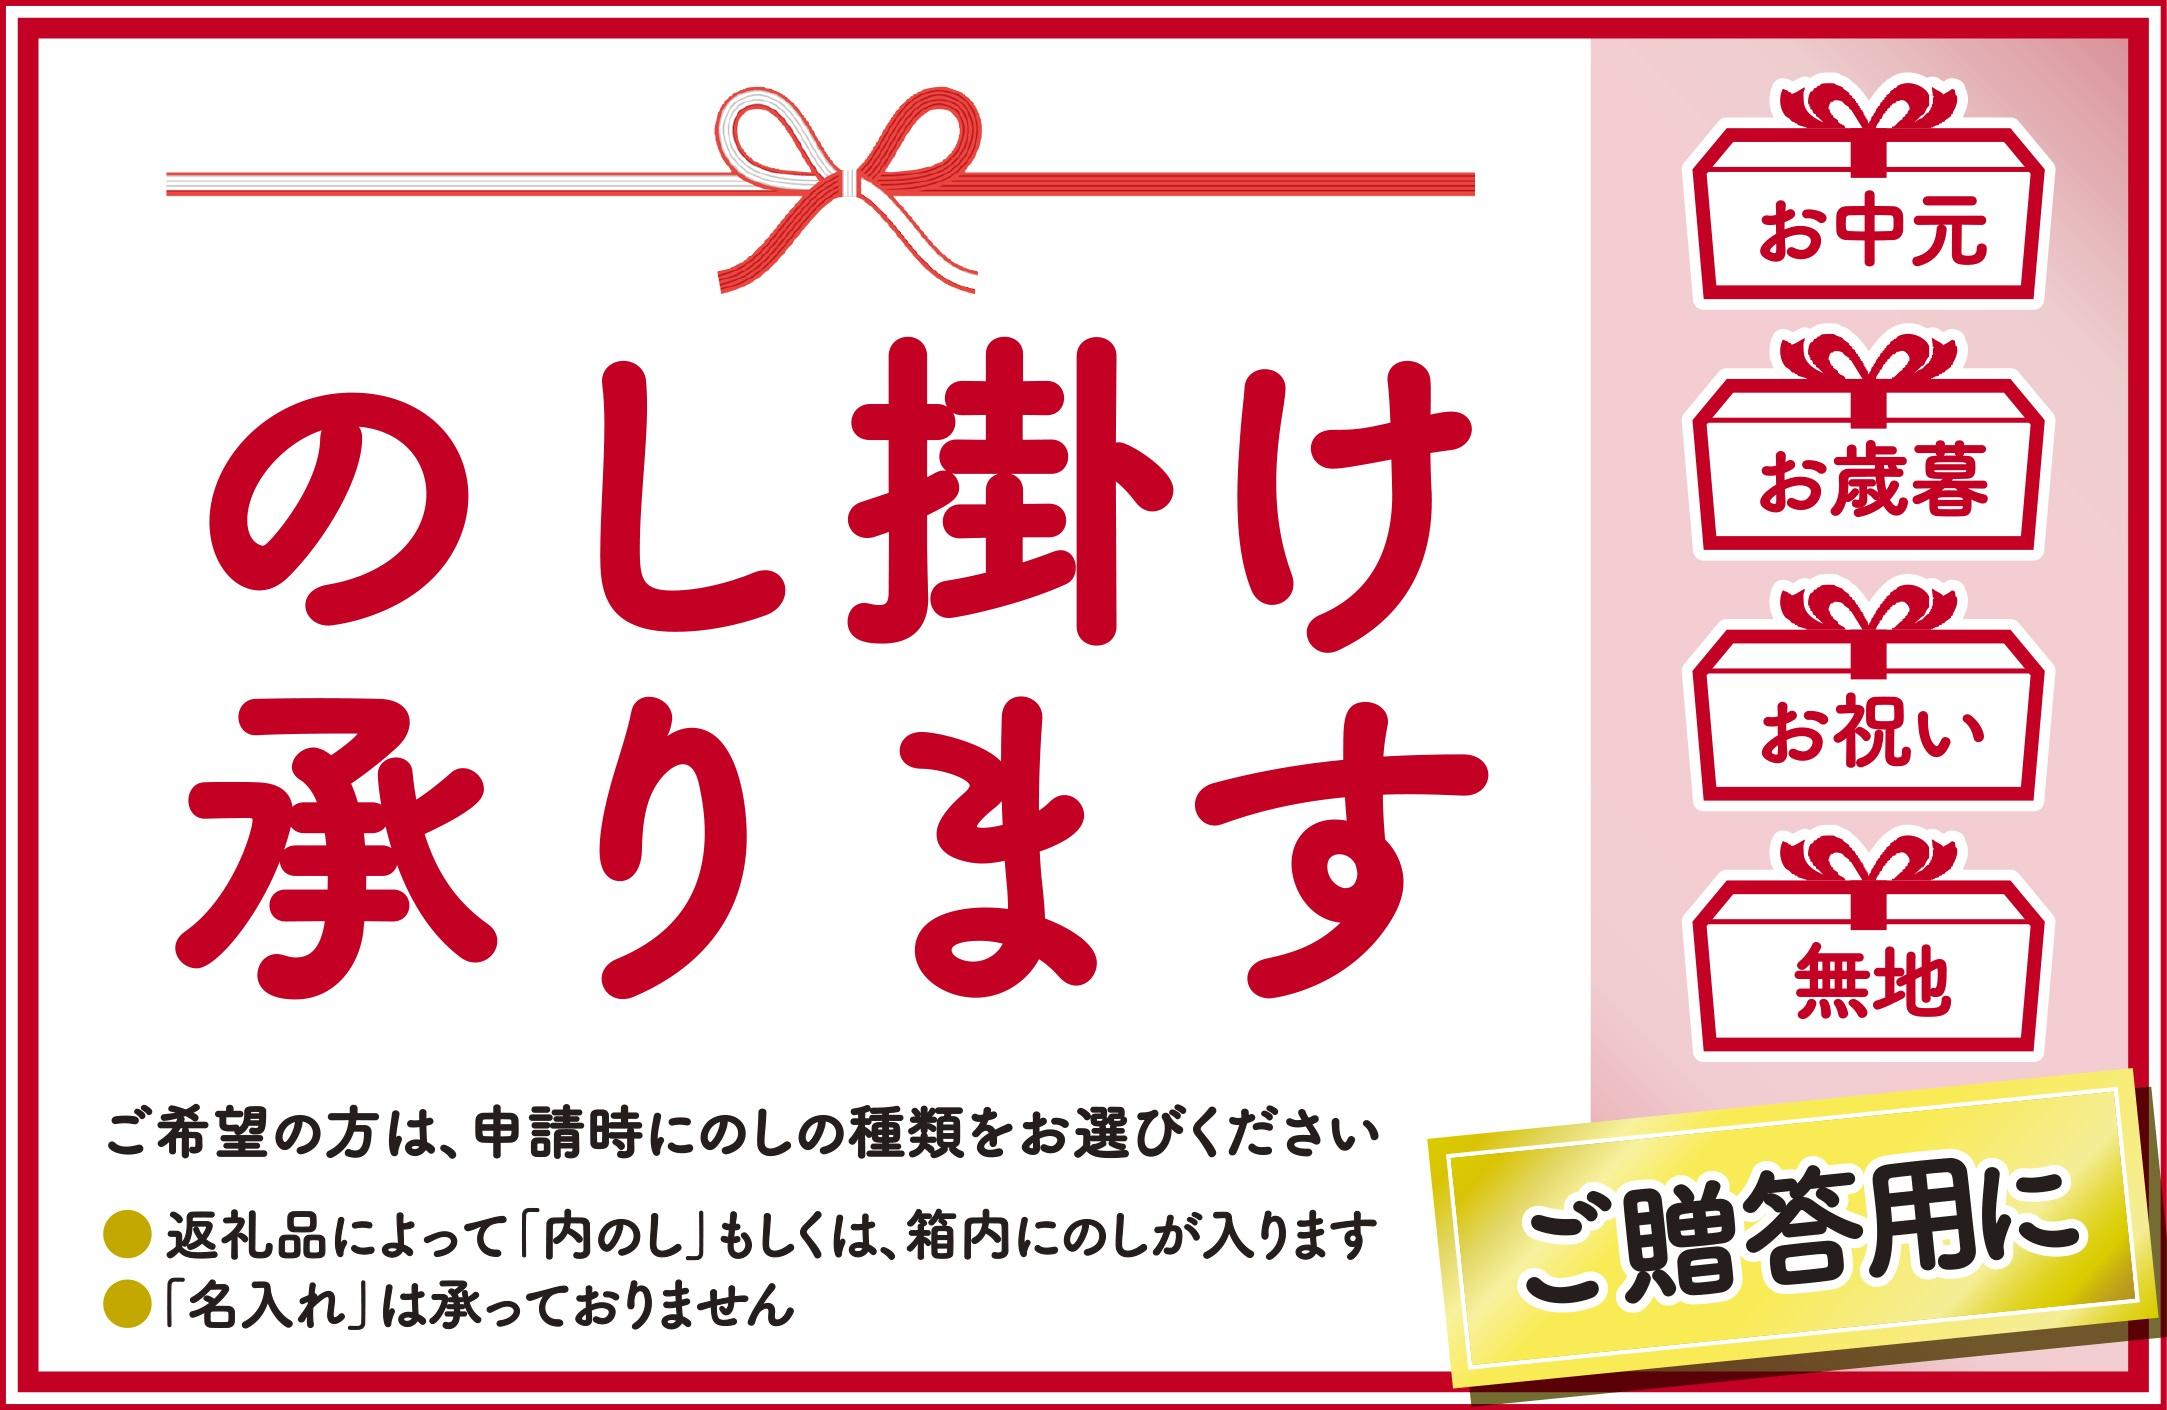 DEER OIL 75 モイスチャークリーム・ピュアトリートメント【各1缶】※鹿油化粧品